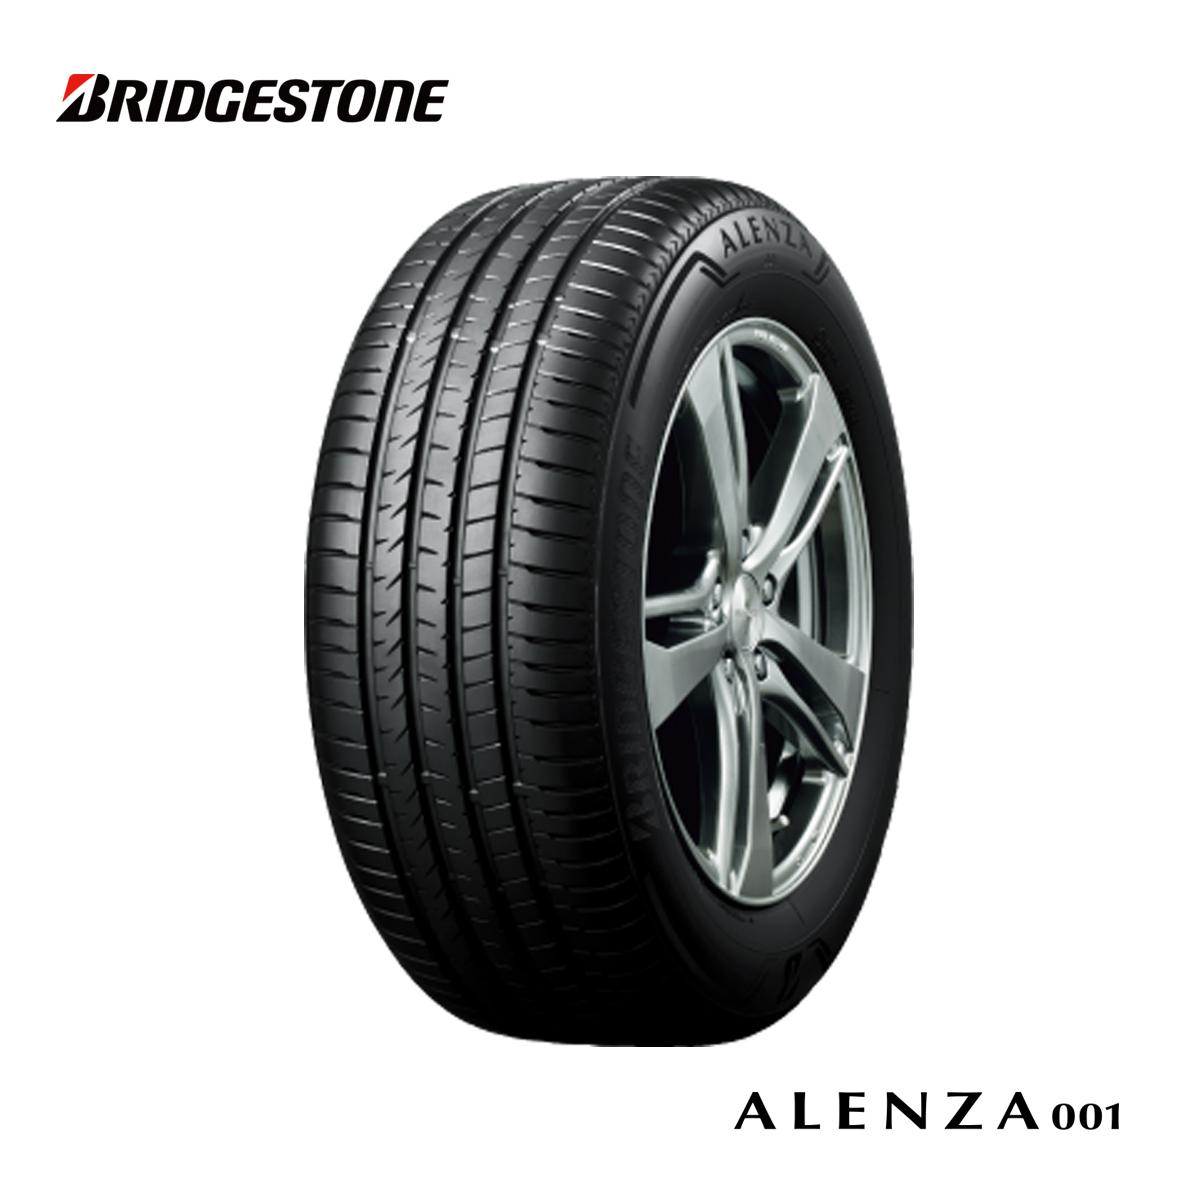 ブリヂストン BS 18インチ タイヤ 265/60R18 265 60 18 アレンザ サマー タイヤ 4本 SUV 夏 サマー タイヤ BRIDGESTONE ALENZA 001